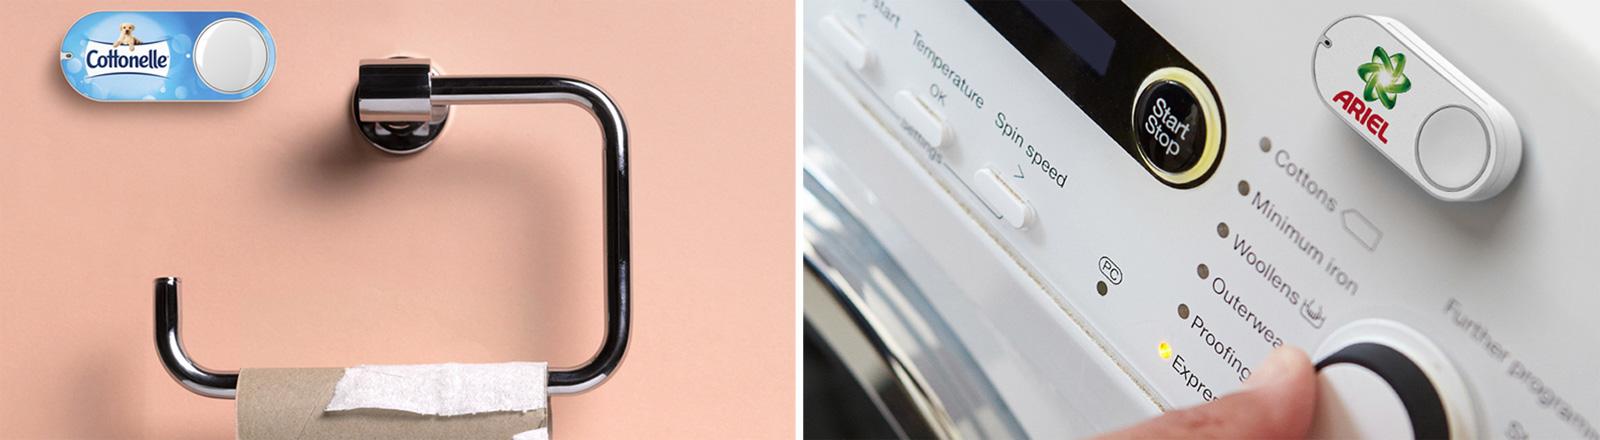 Dash Buttons von Amazon sind kleine Knöpfe. Jeweils einer hängt über einer leeren Klopapierrolle sowie auf einer Waschmaschine. Auf beiden ist jeweils das Logo eines Toilettenpapiers bzw eines Waschpulvers.